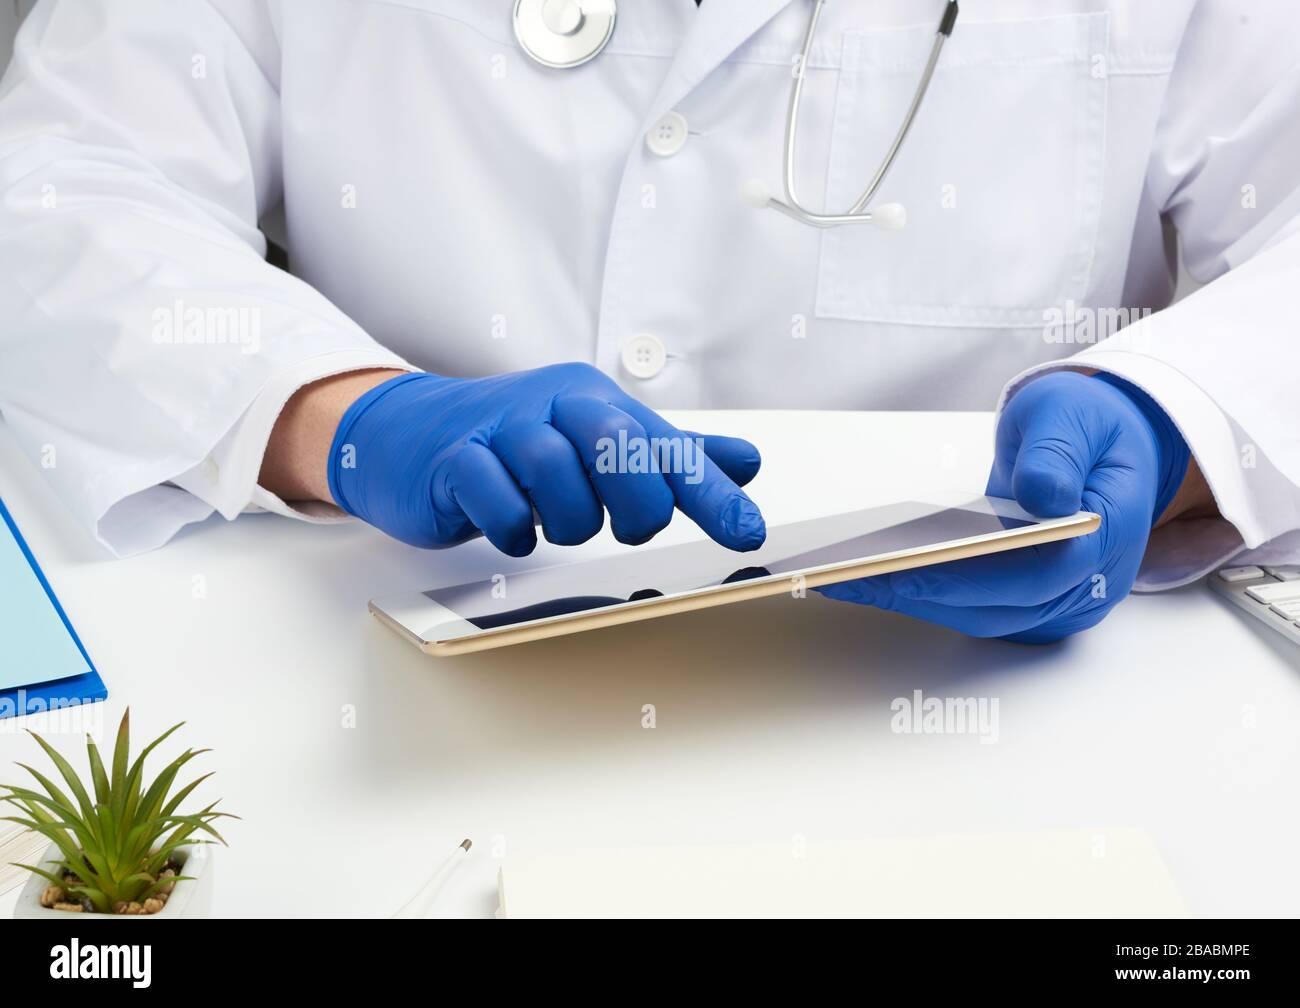 Doktor in einem weißen medizinischen Mantel sitzt an einem Tisch und hält eine elektronische Tablette in der Hand, berührt den Bildschirm mit der rechten Hand, Arztpraxis, di Stockfoto